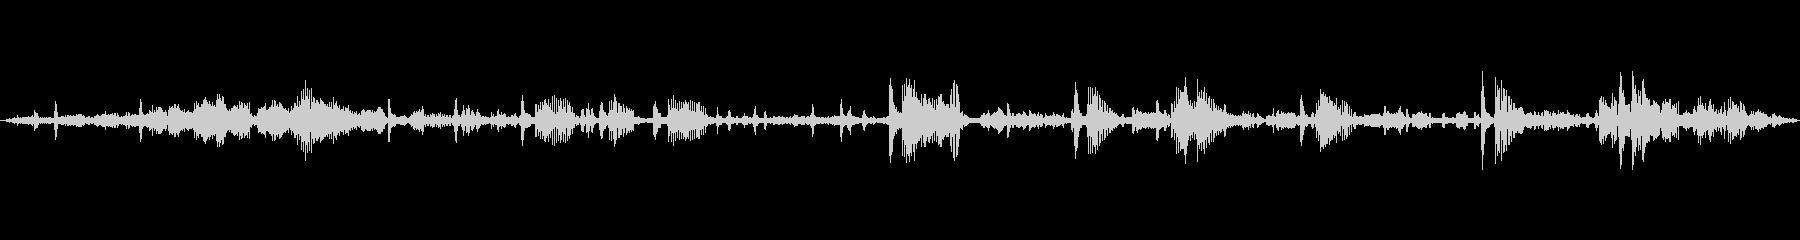 環境音 川のベッド夜明け鳥動揺01の未再生の波形